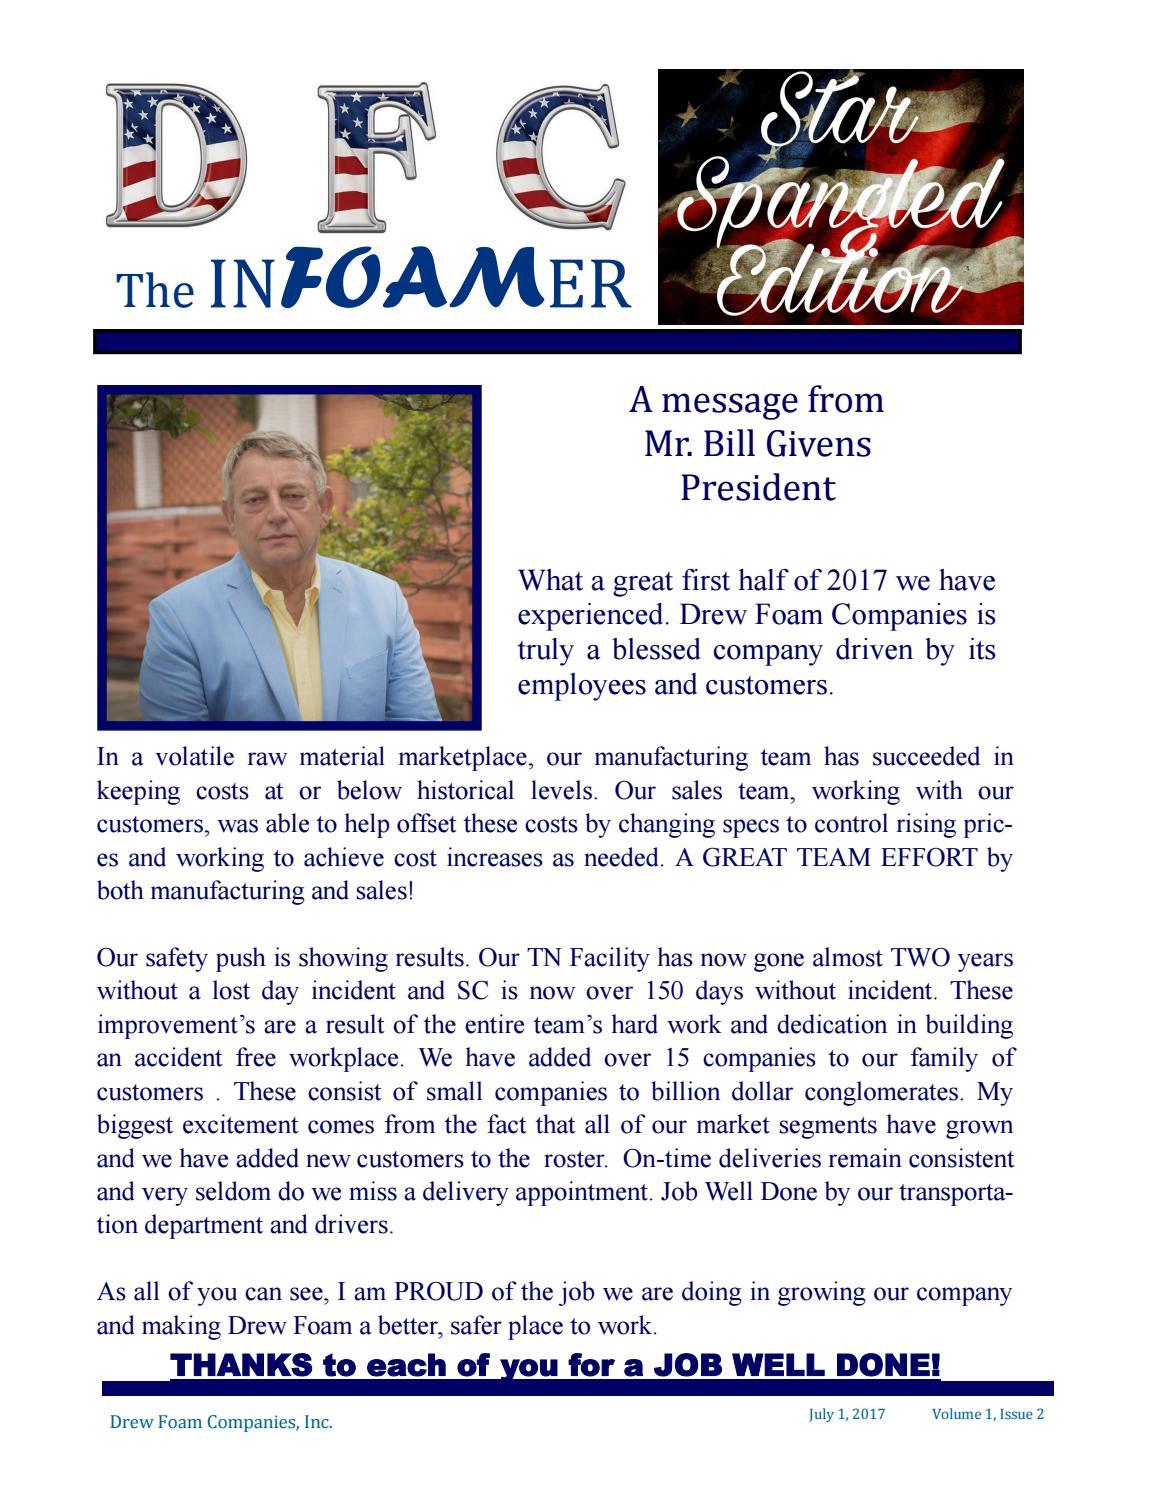 Drew Foam 2nd Quarter Newsletter 2017 by Drew Foam Companies